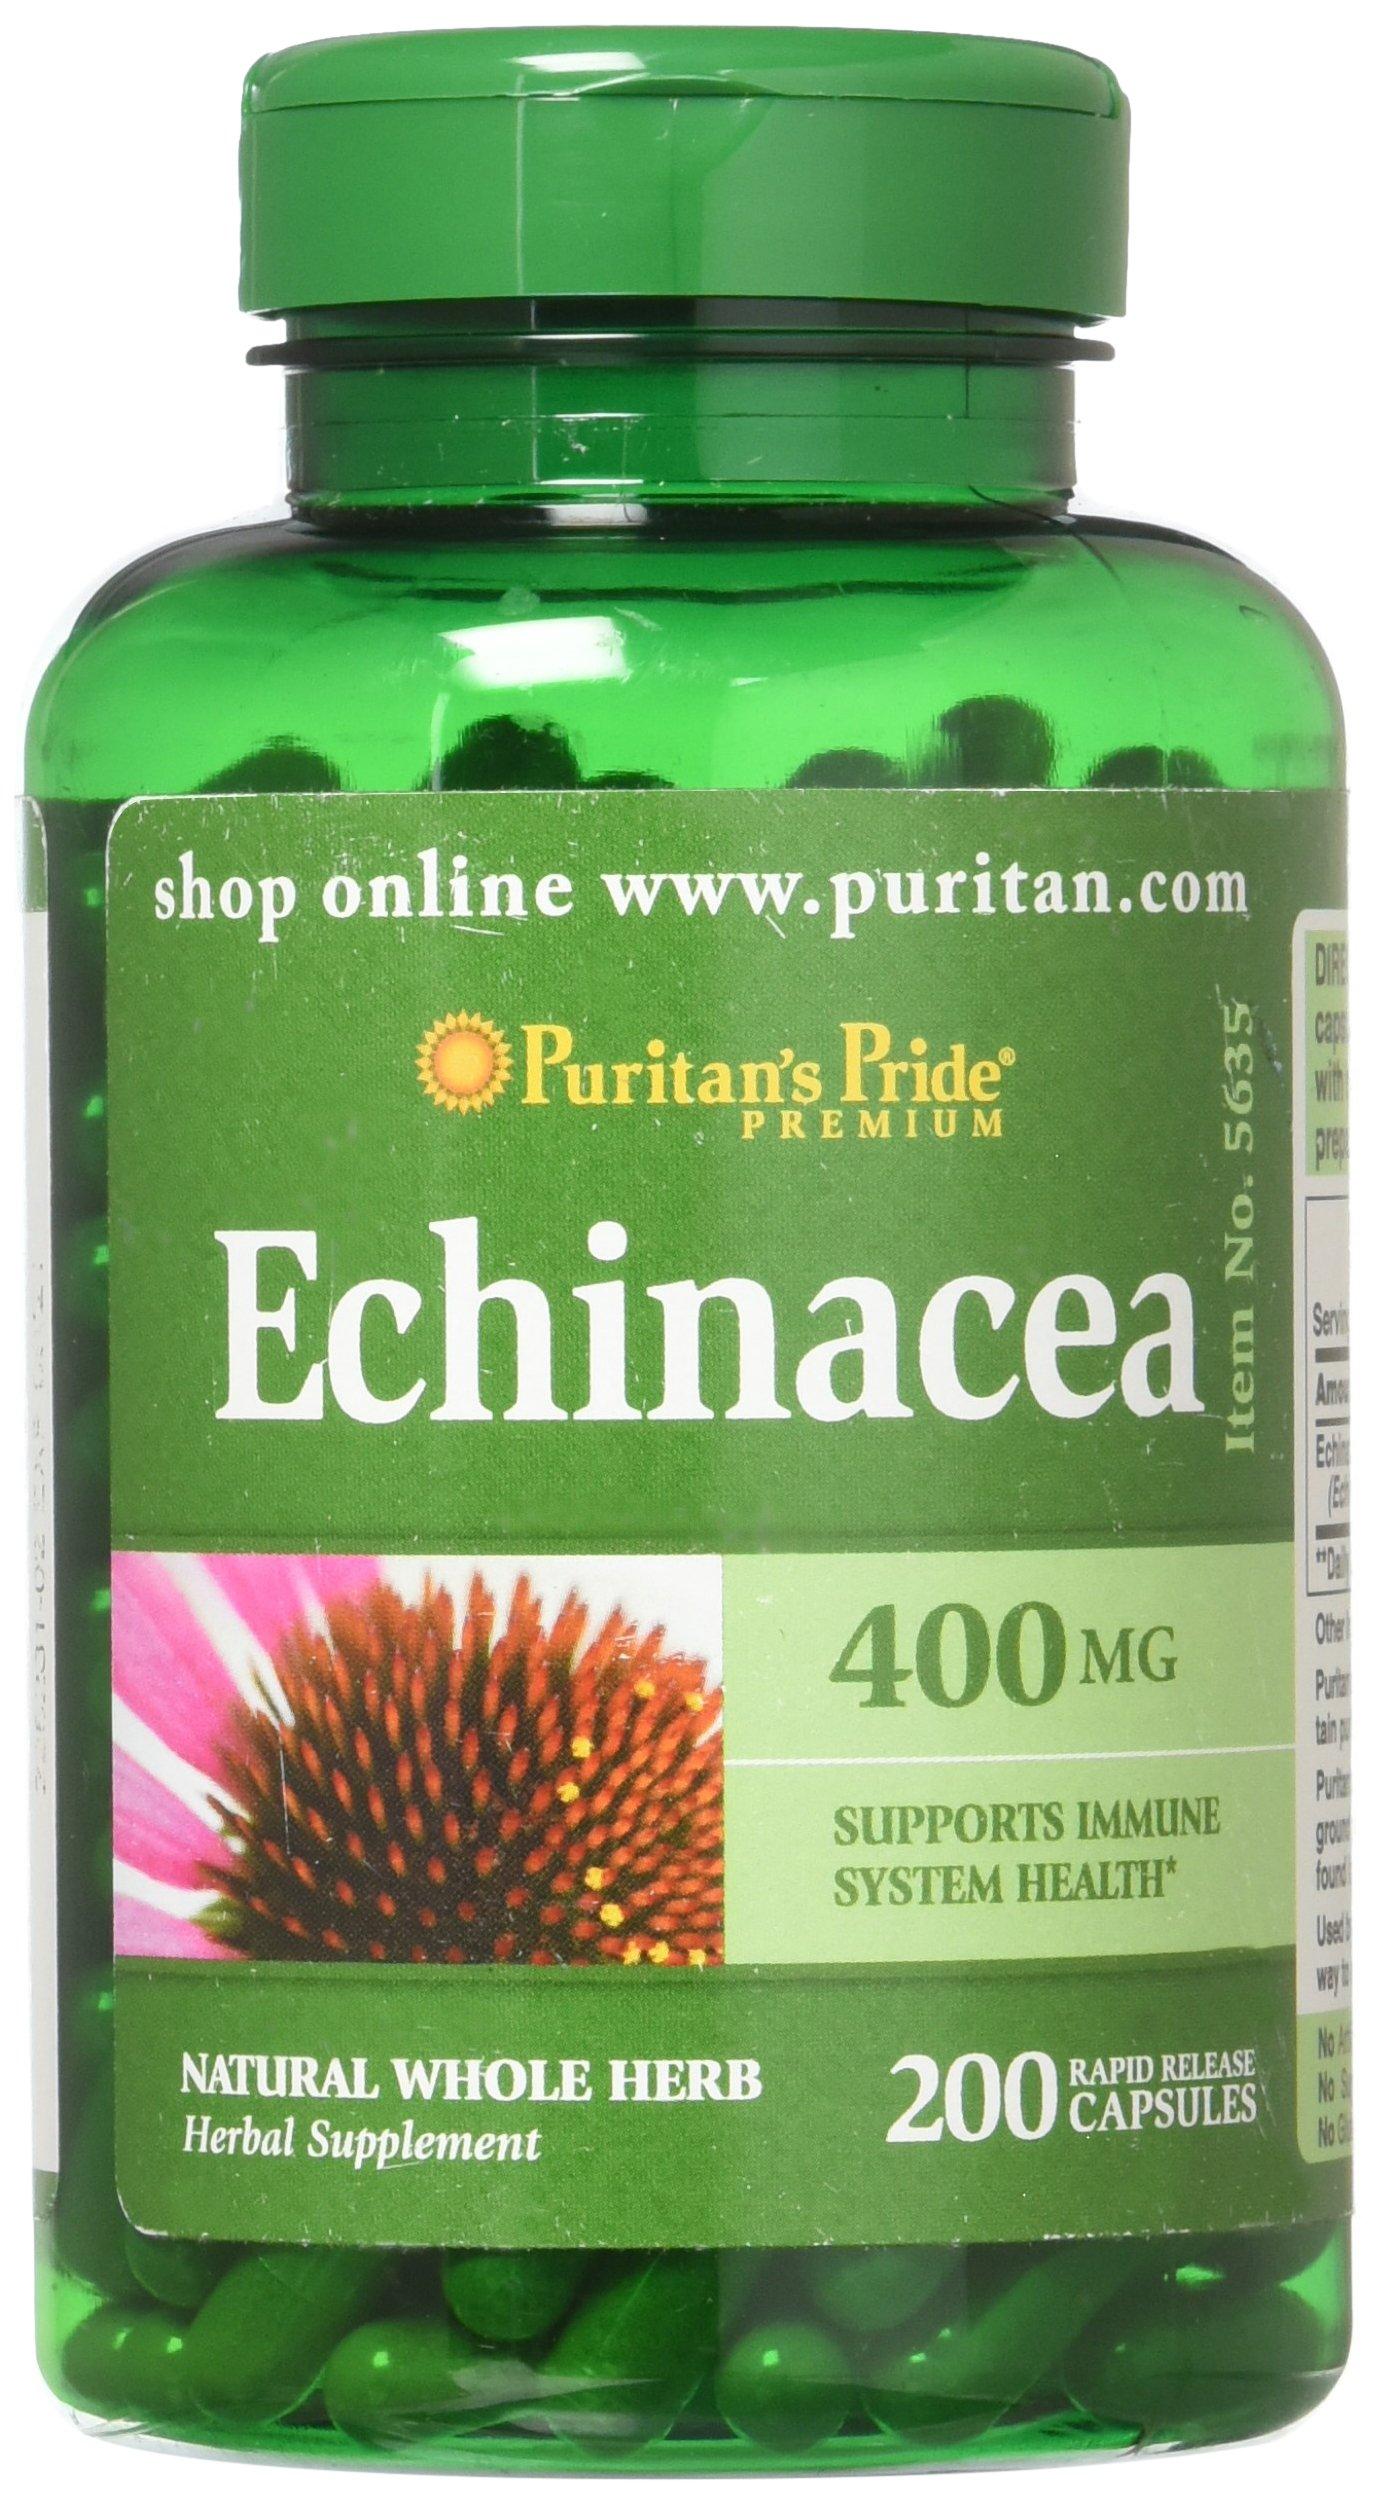 Puritans Pride Echinacea 400 mg-200 Capsules